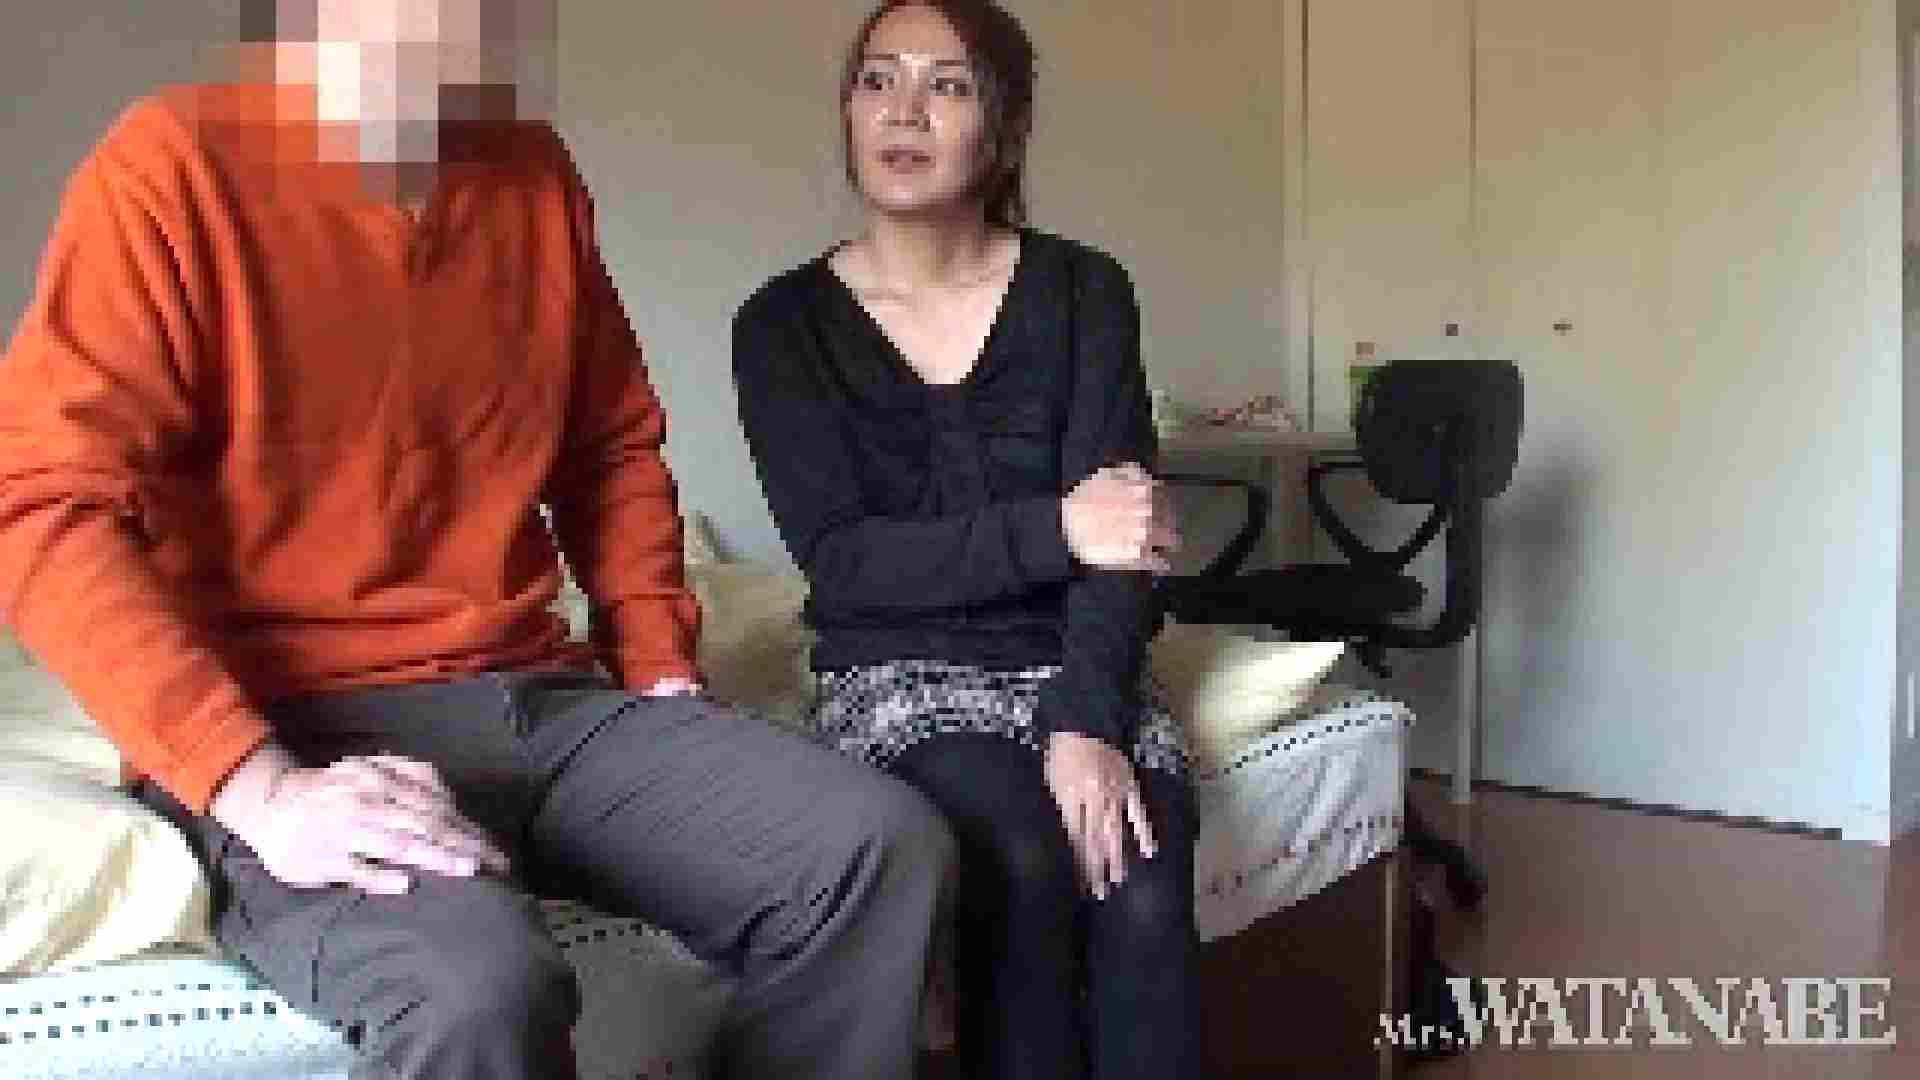 SNSで出会った人妻をハメ撮りしちゃいます 2回目 前編 投稿 | 人妻エロ映像  105pic 19